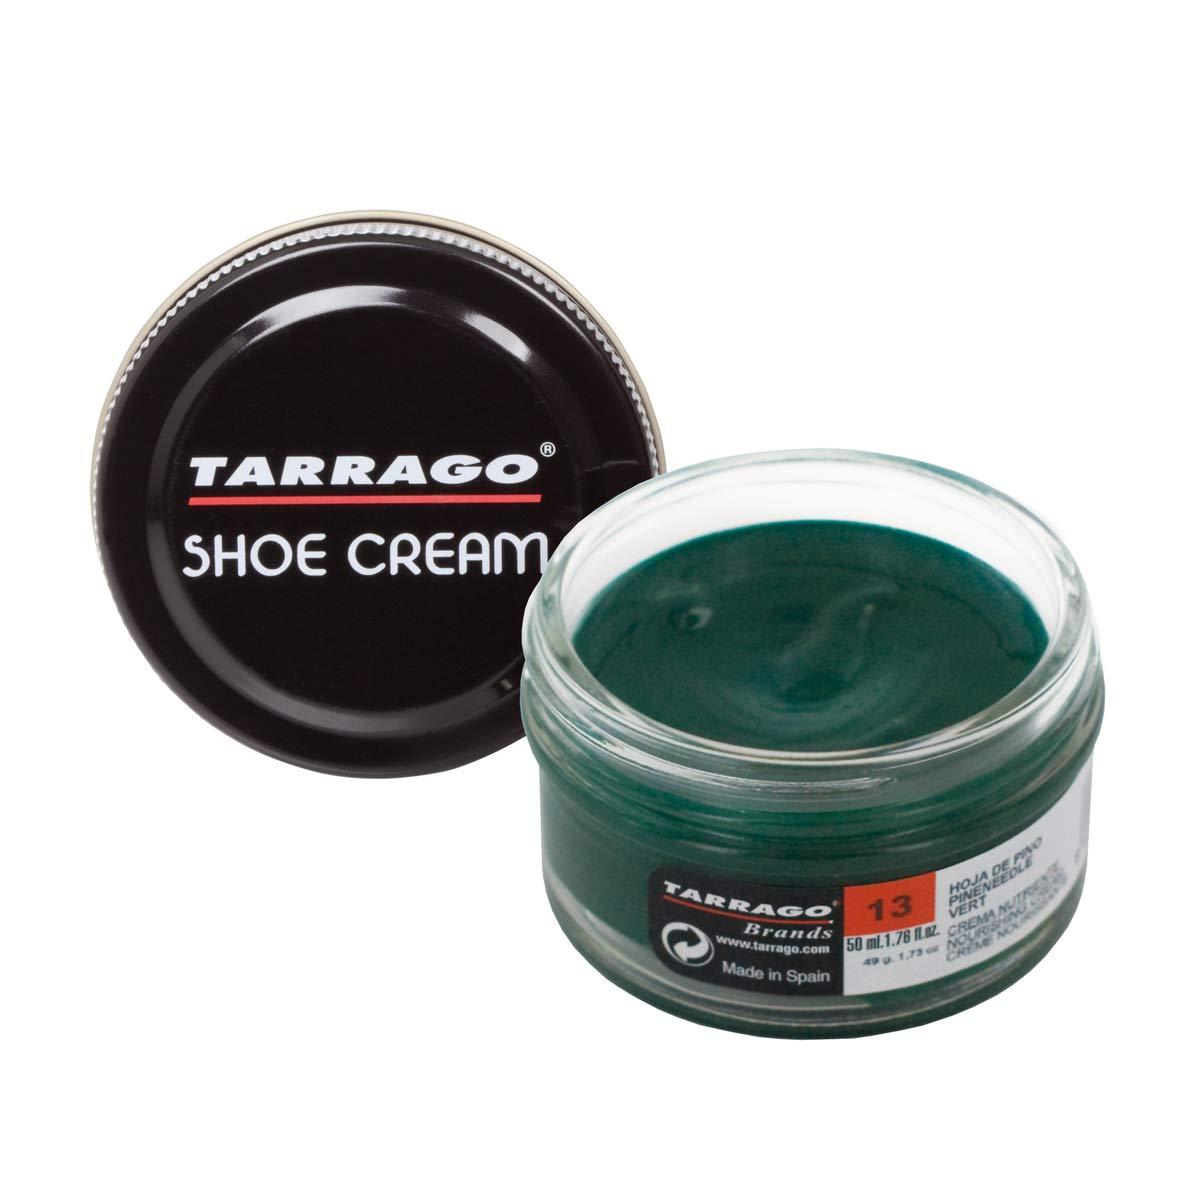 Tarrago Tarro Crema De Zapatos 50ml. Pineneedle # 13